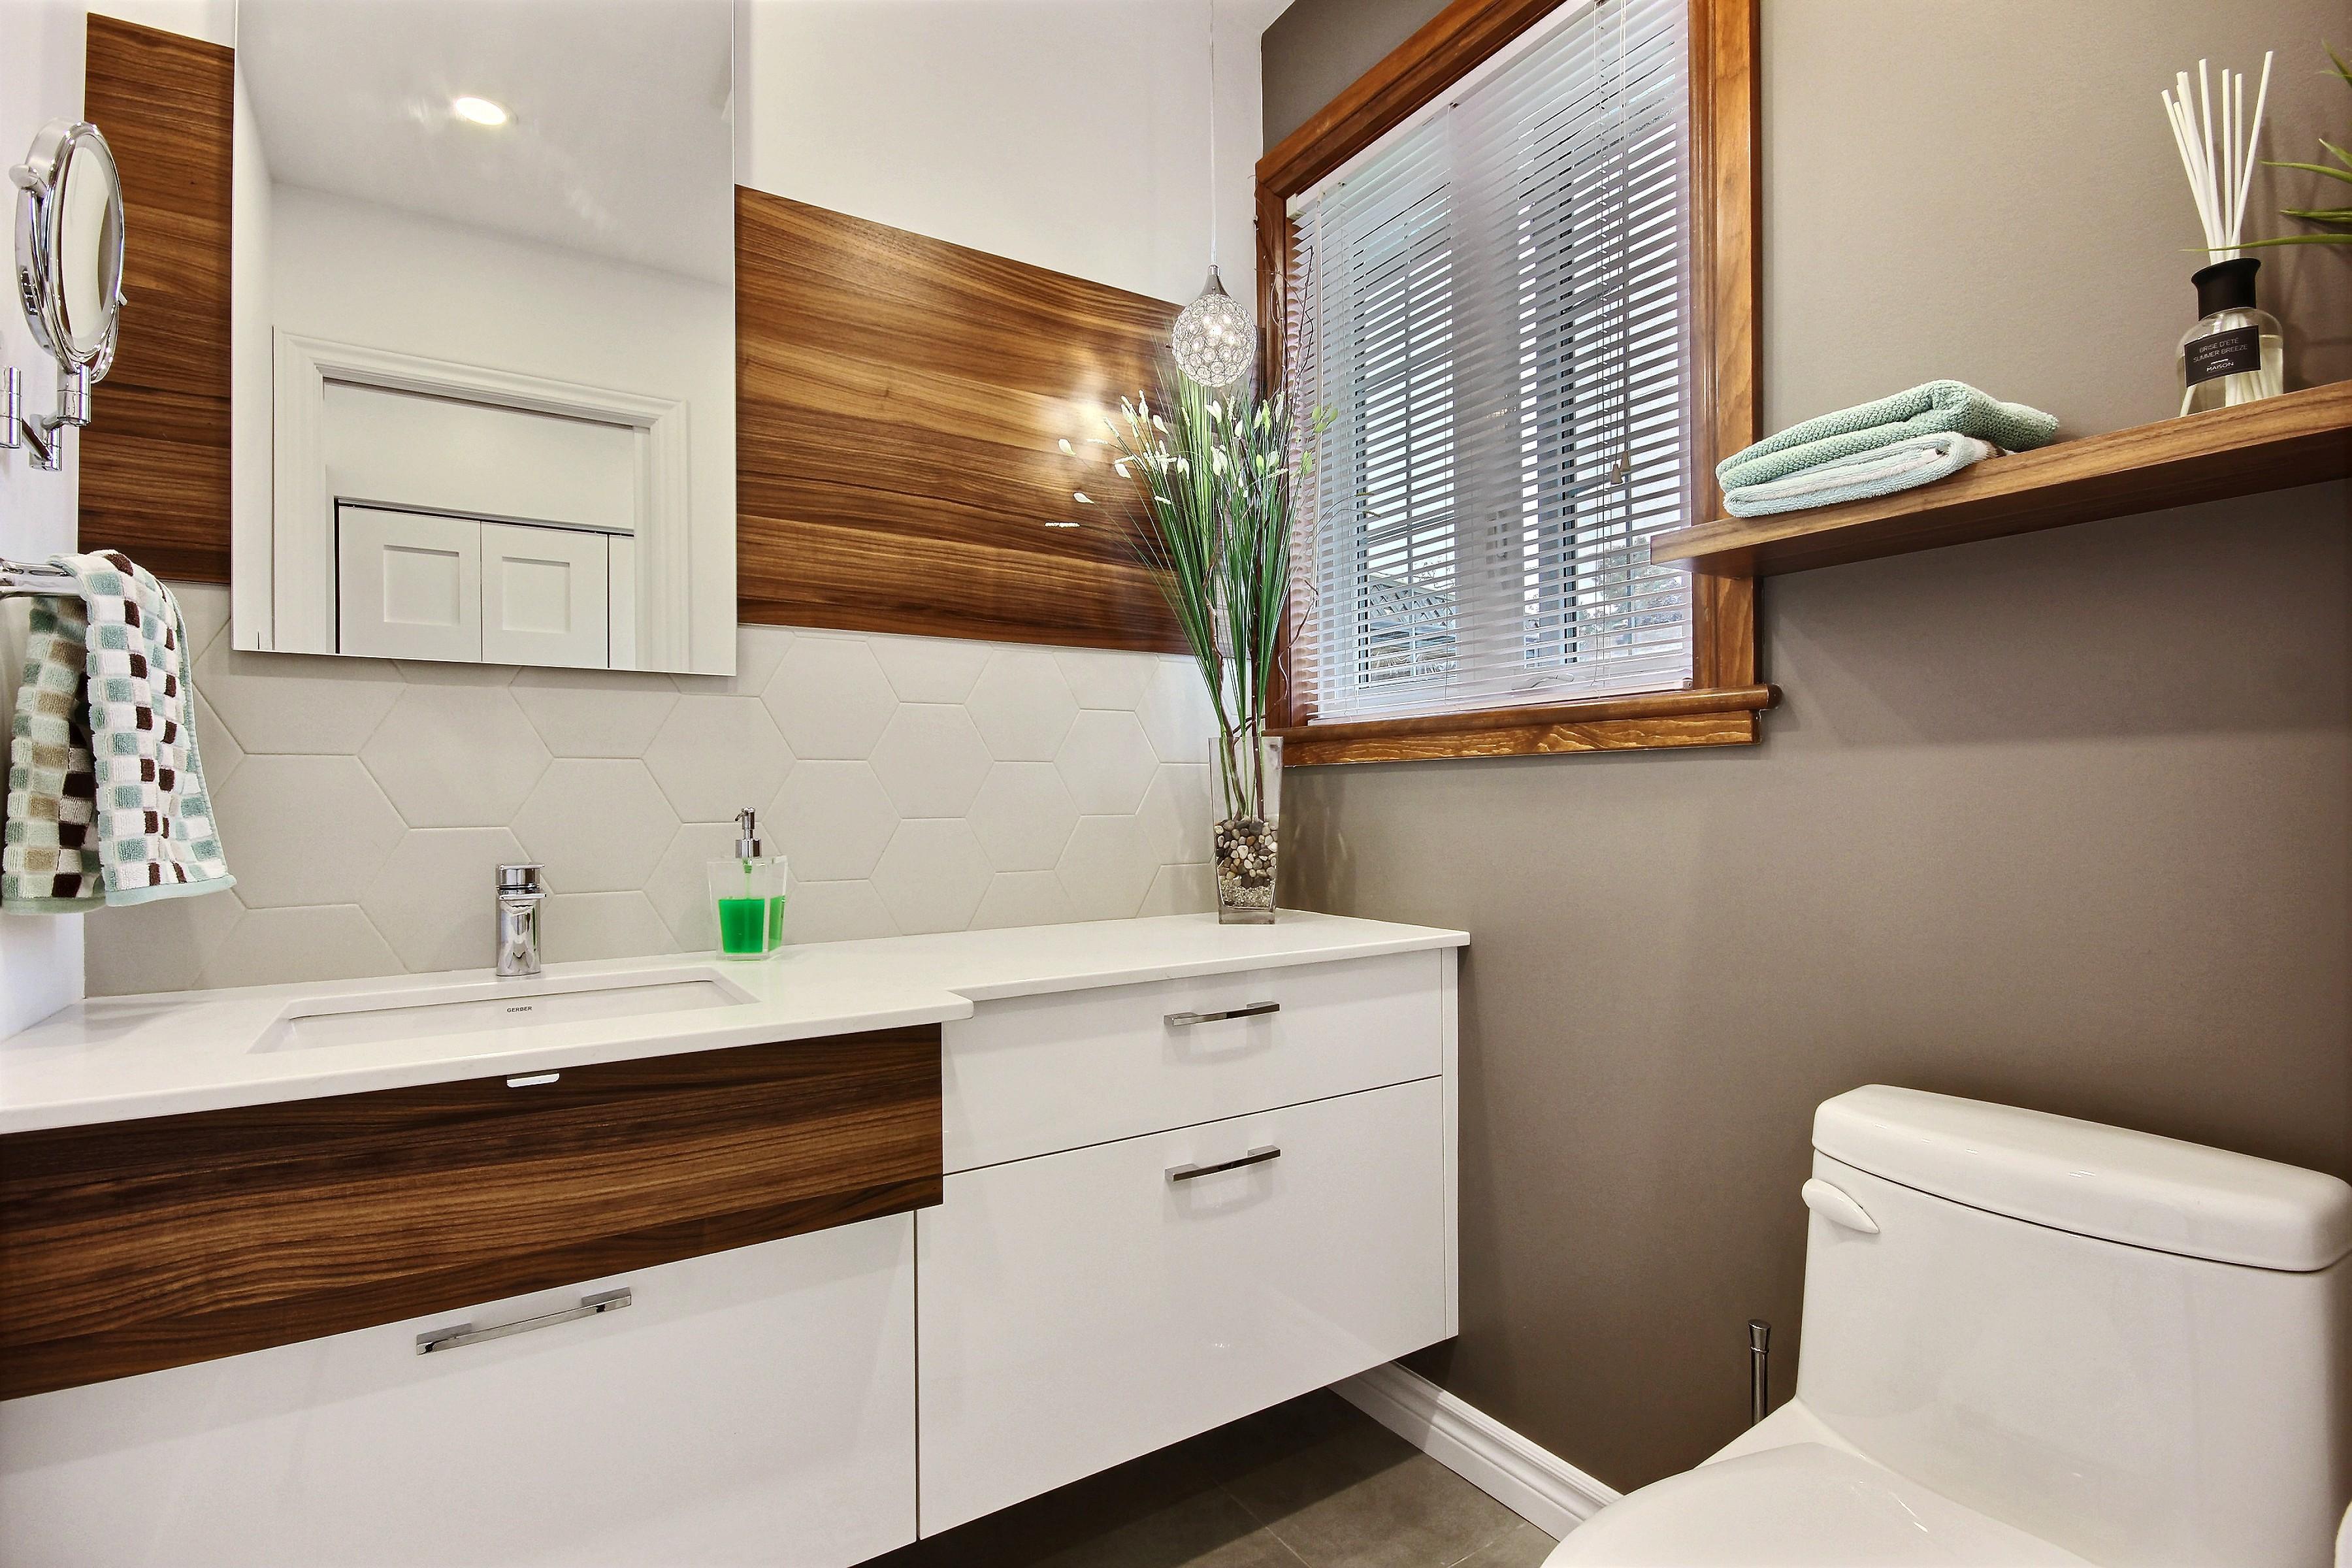 Salle De Bain Tendance 2019 maison renovation salle de bain leroy merlin décoration de